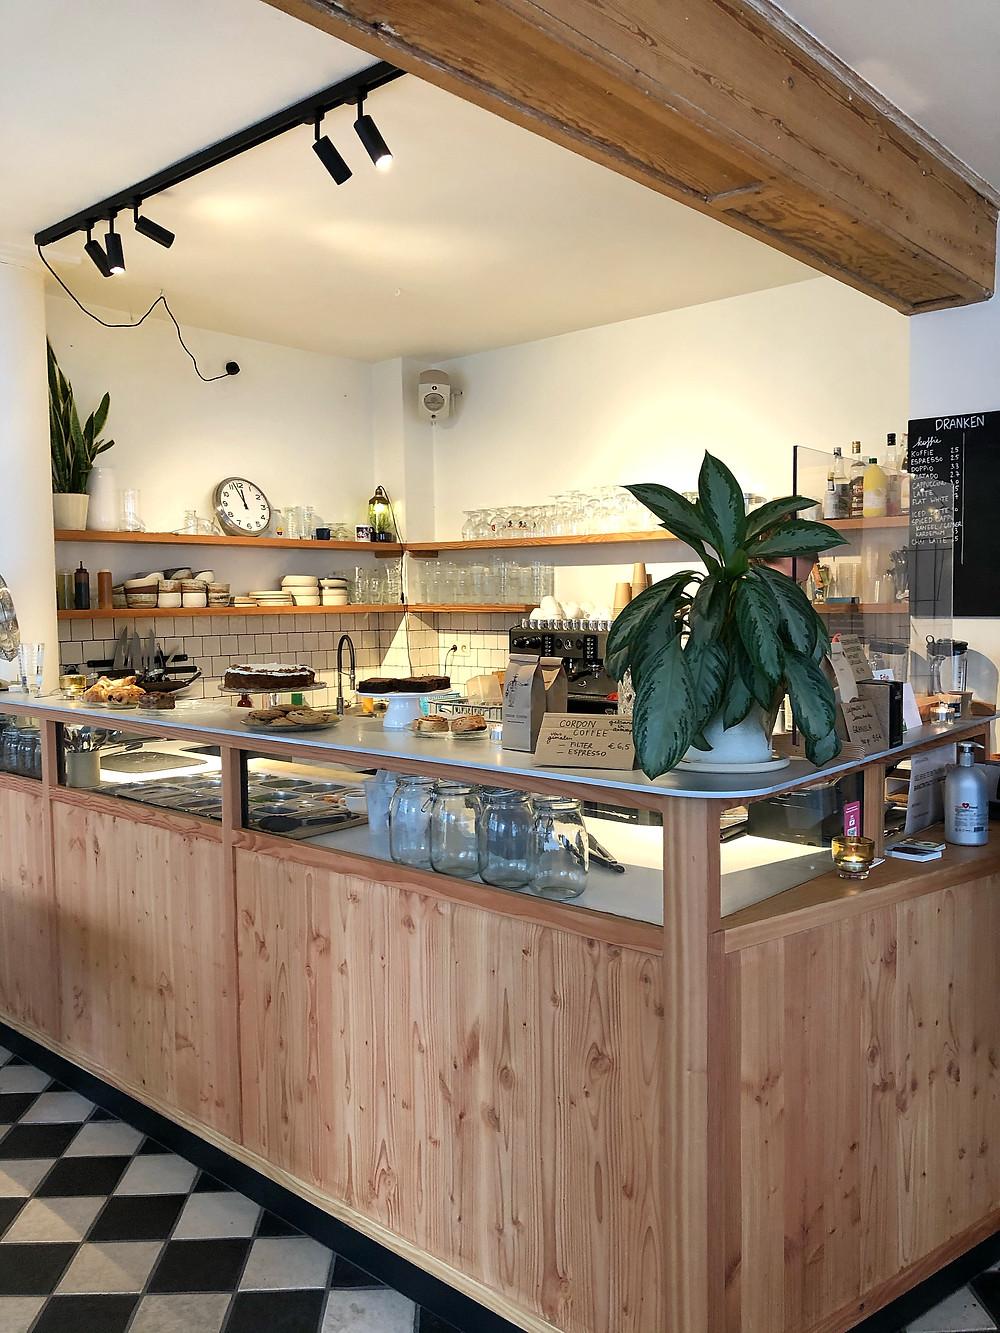 Cafématic interior Antwerp